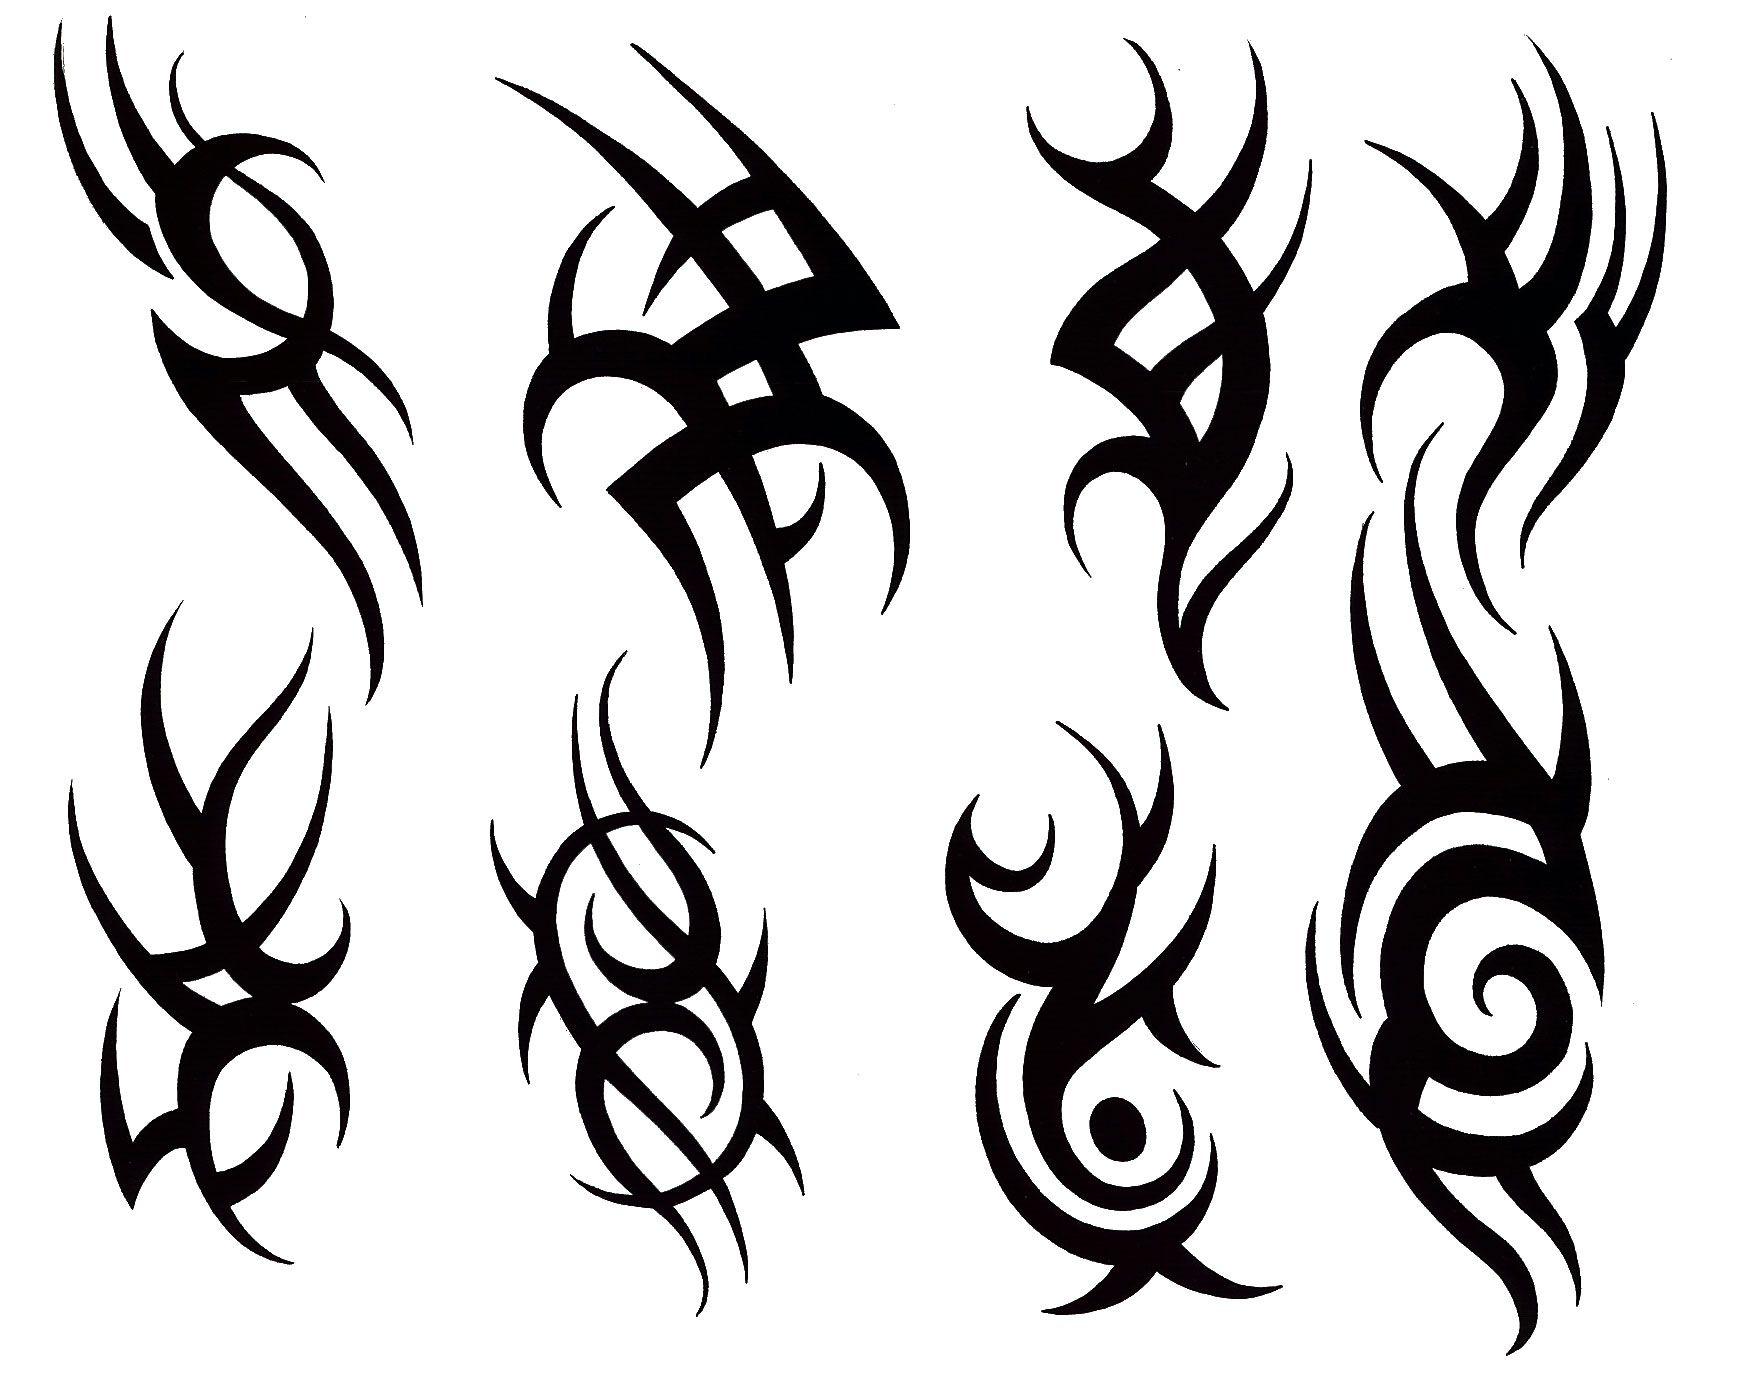 Tribal Dragon Tattoo Cool Tribal Tattoos Tribal Tattoo Designs Small Tribal Tattoos